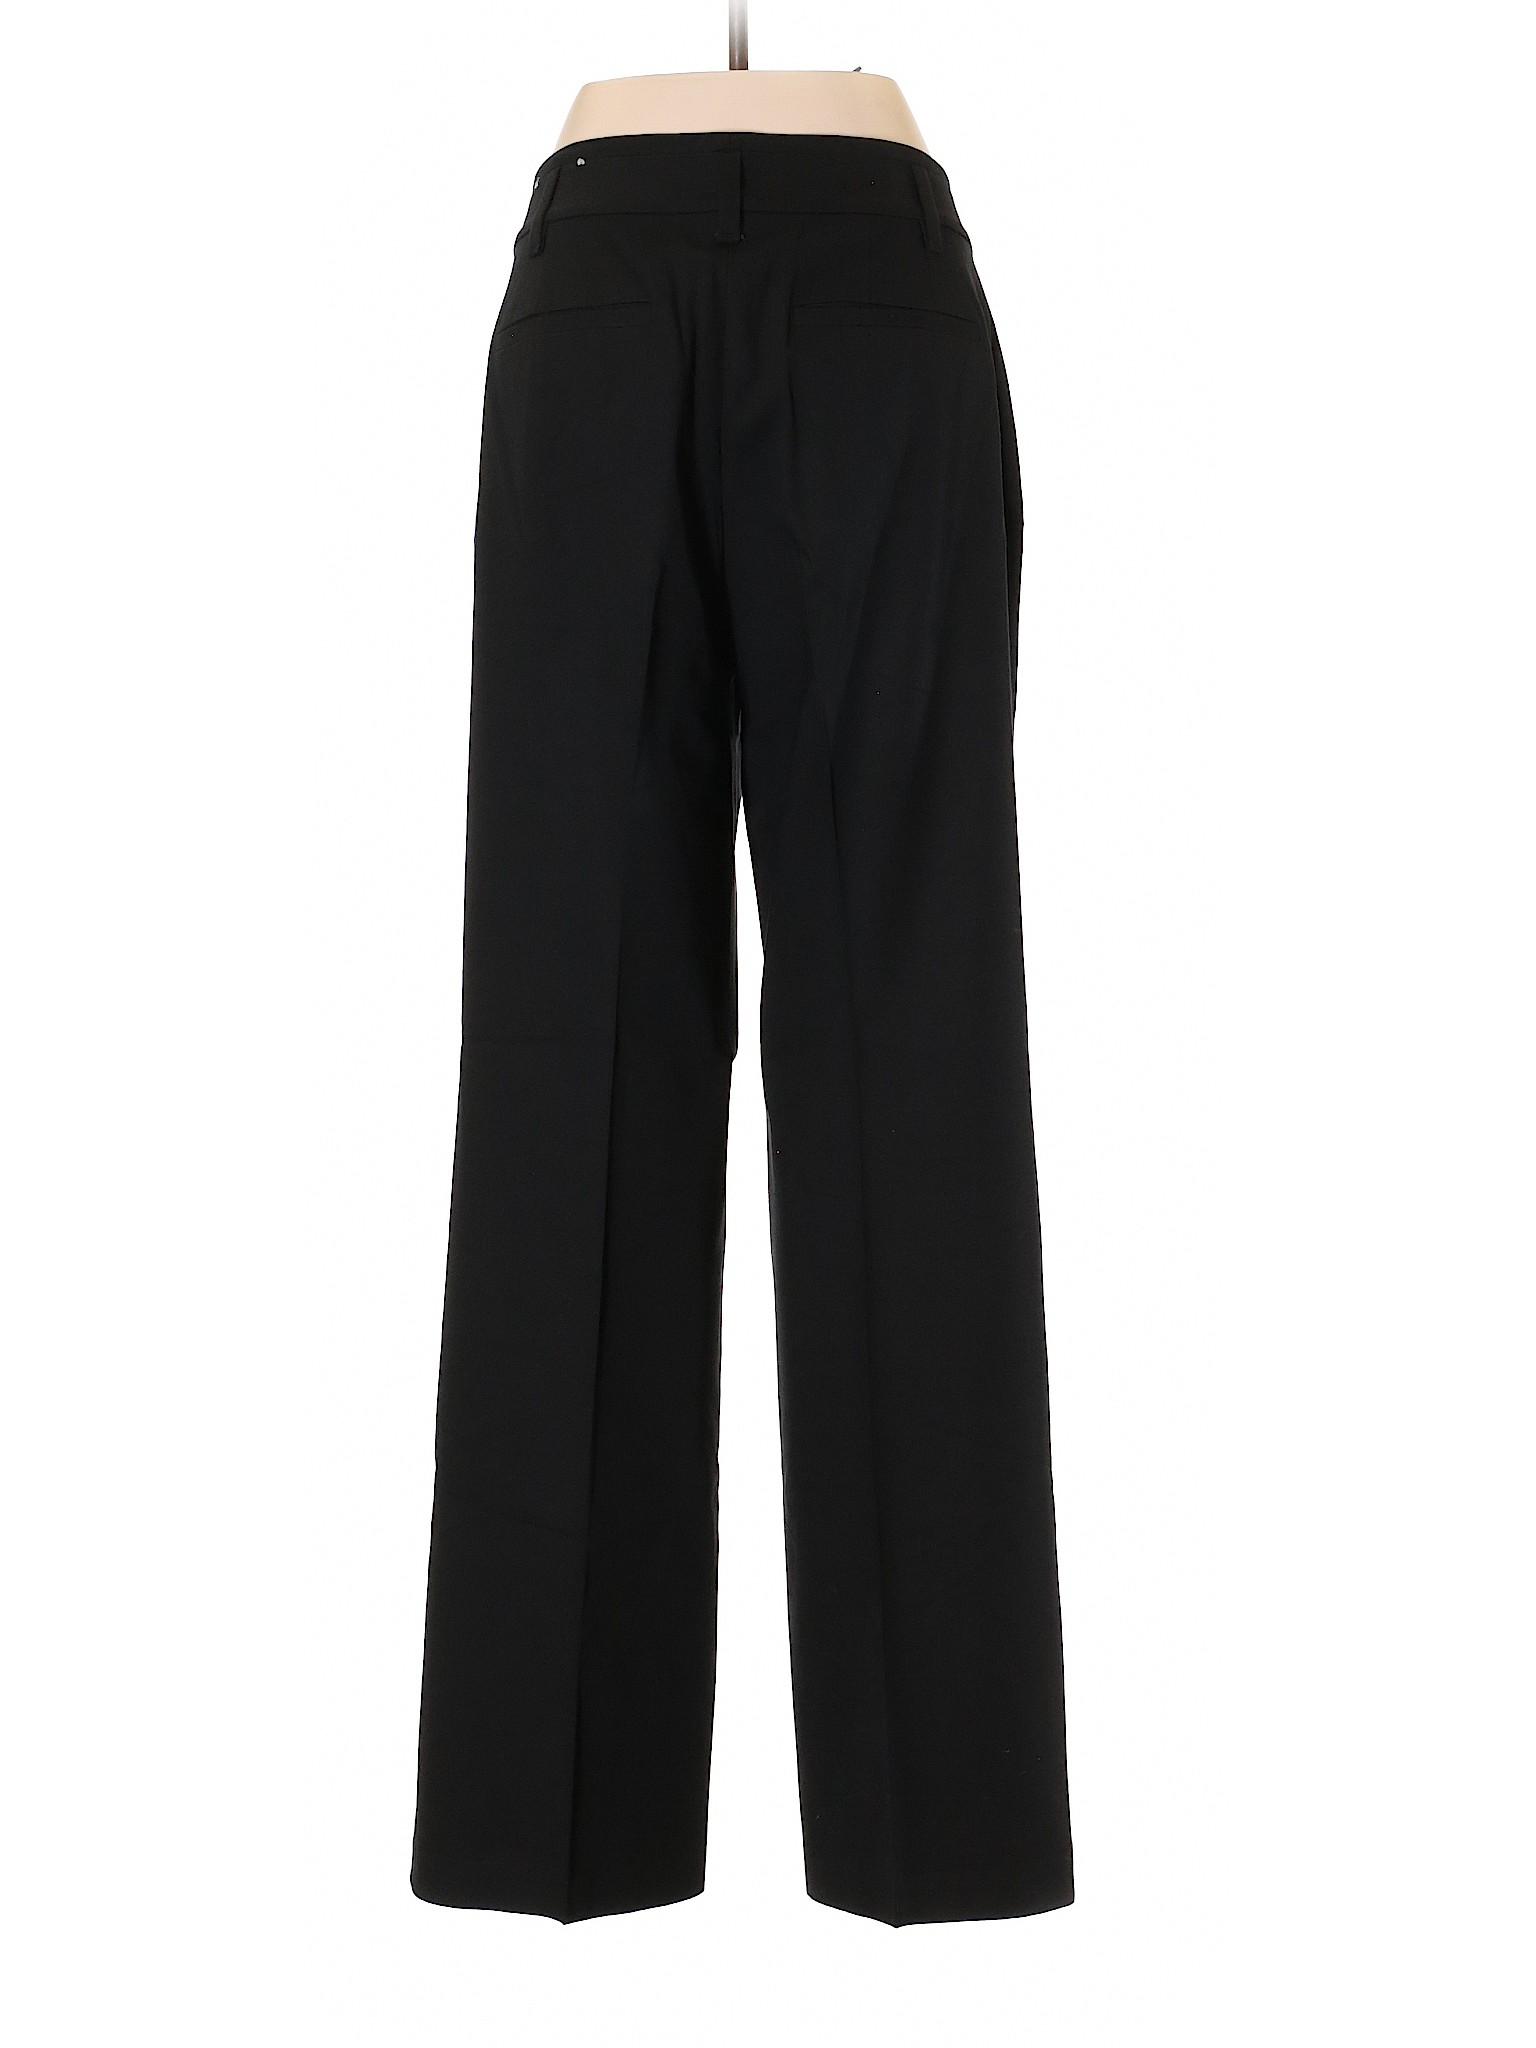 Ann Taylor leisure Pants Boutique Dress YwOAq